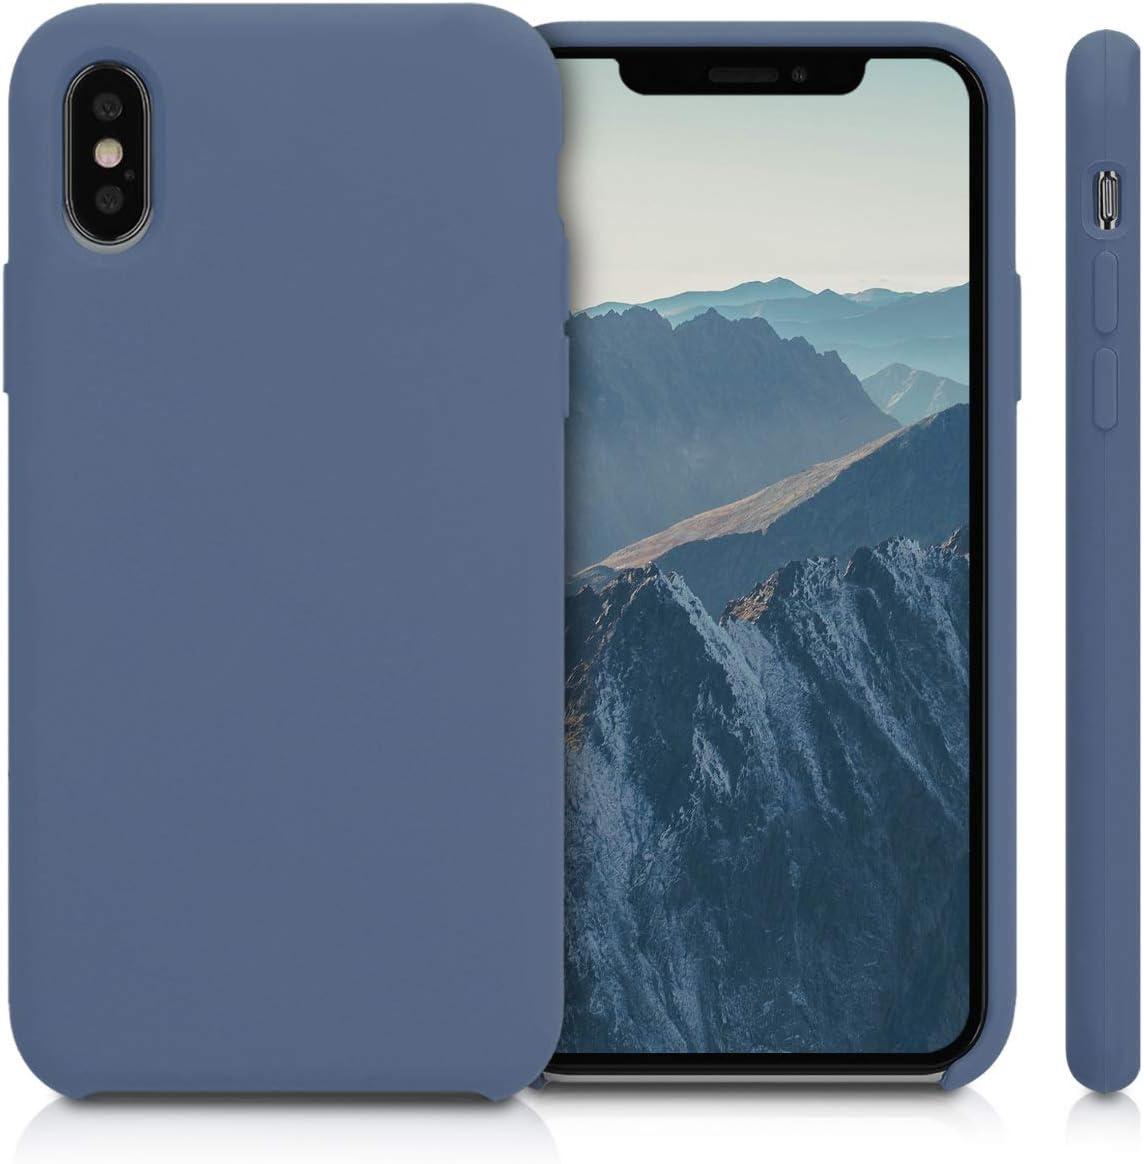 Cover Trasero en Azul viol/áceo kwmobile Funda Compatible con Apple iPhone XS Carcasa de TPU para m/óvil